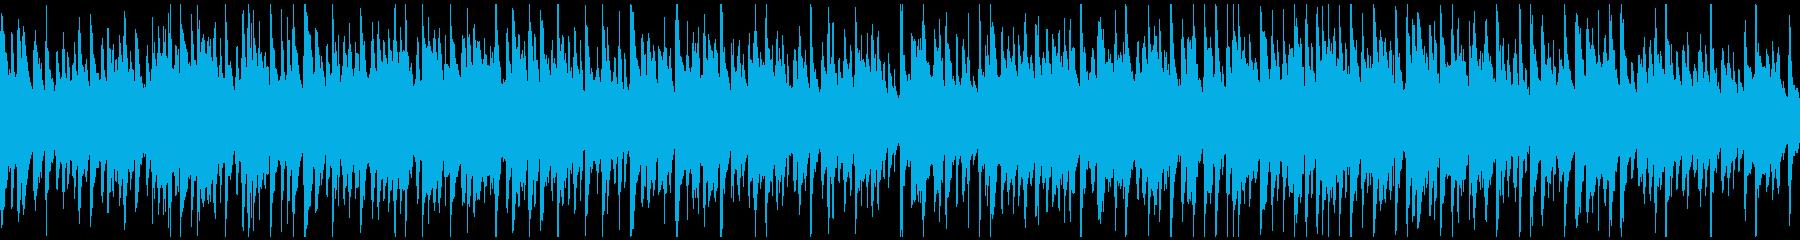 ハワイの海の雰囲気 ウクレレ ※ループ版の再生済みの波形